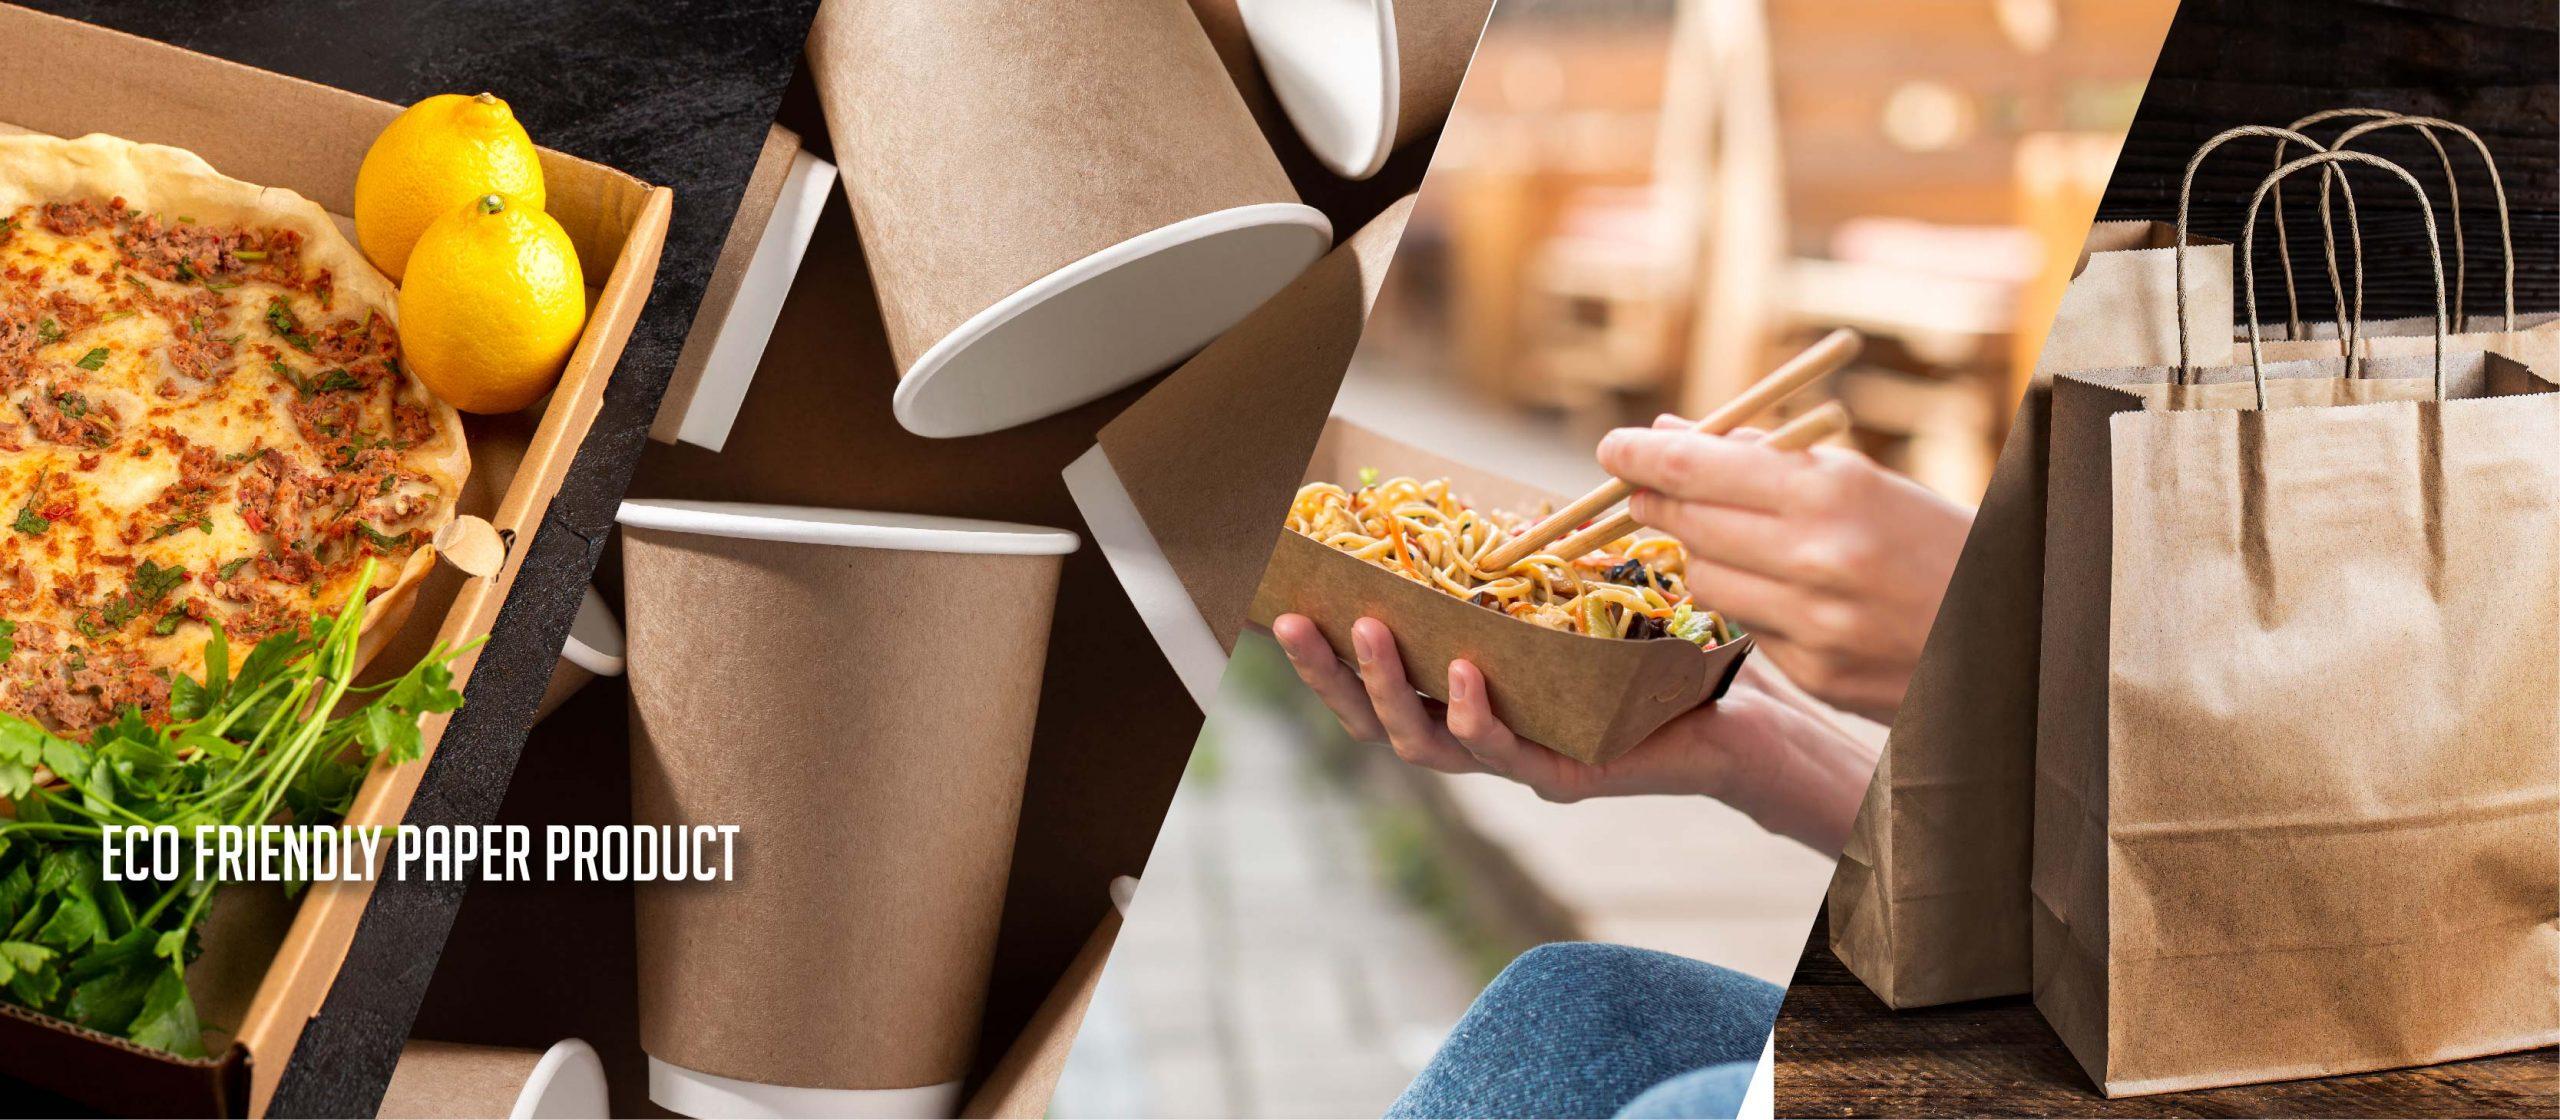 Foodspack Website-Slider-01